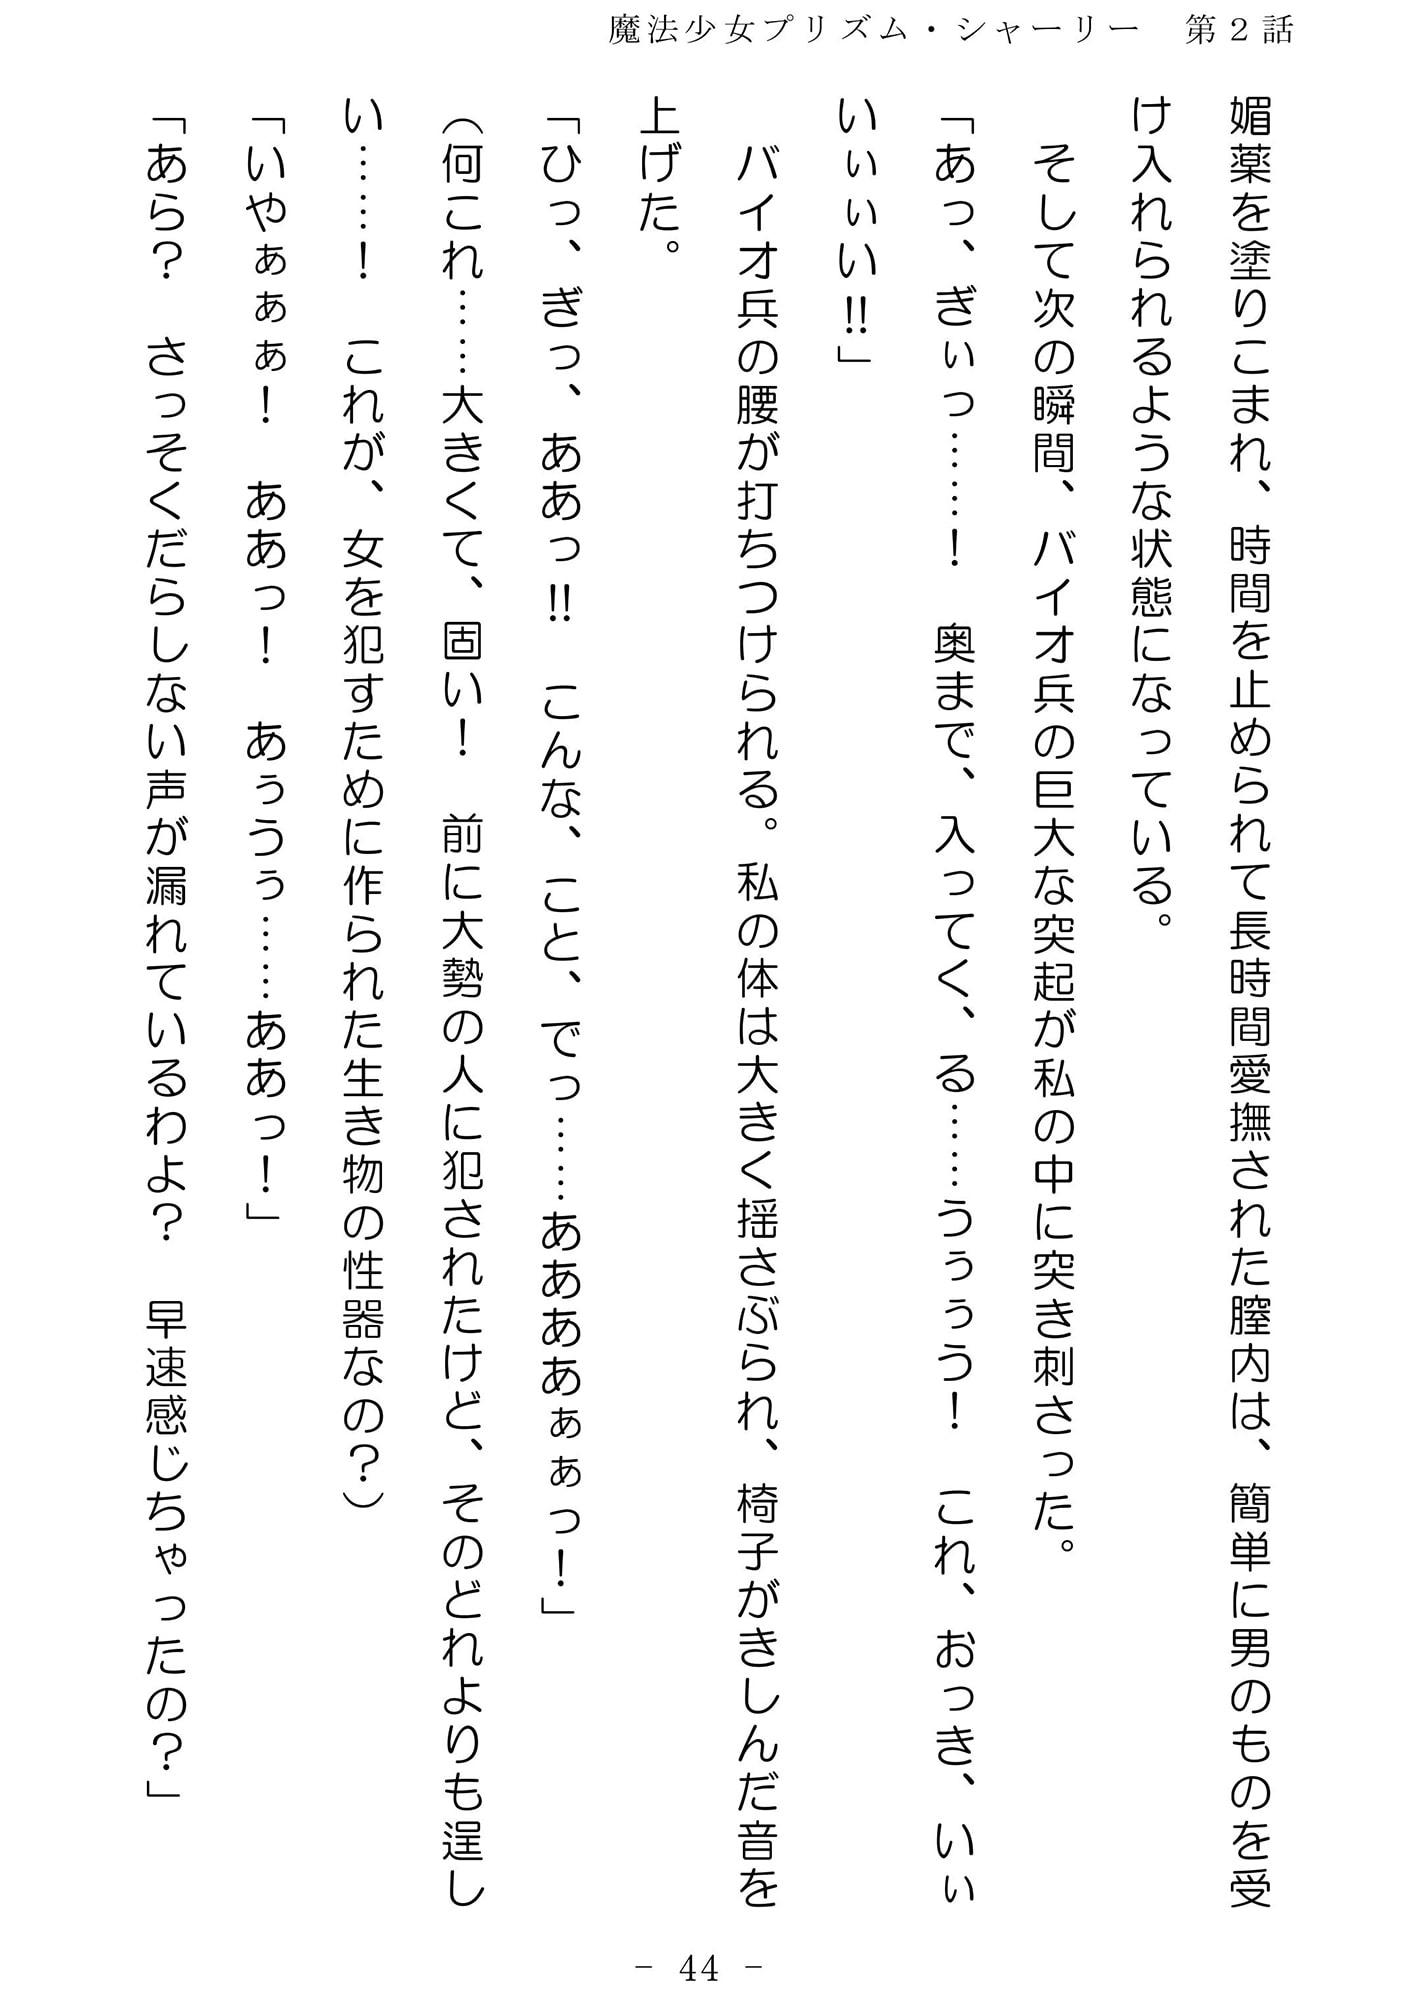 魔法少女プリズム・シャーリー2 魔法少女を襲う時間停止の恐怖 ~開催される集団凌辱会~